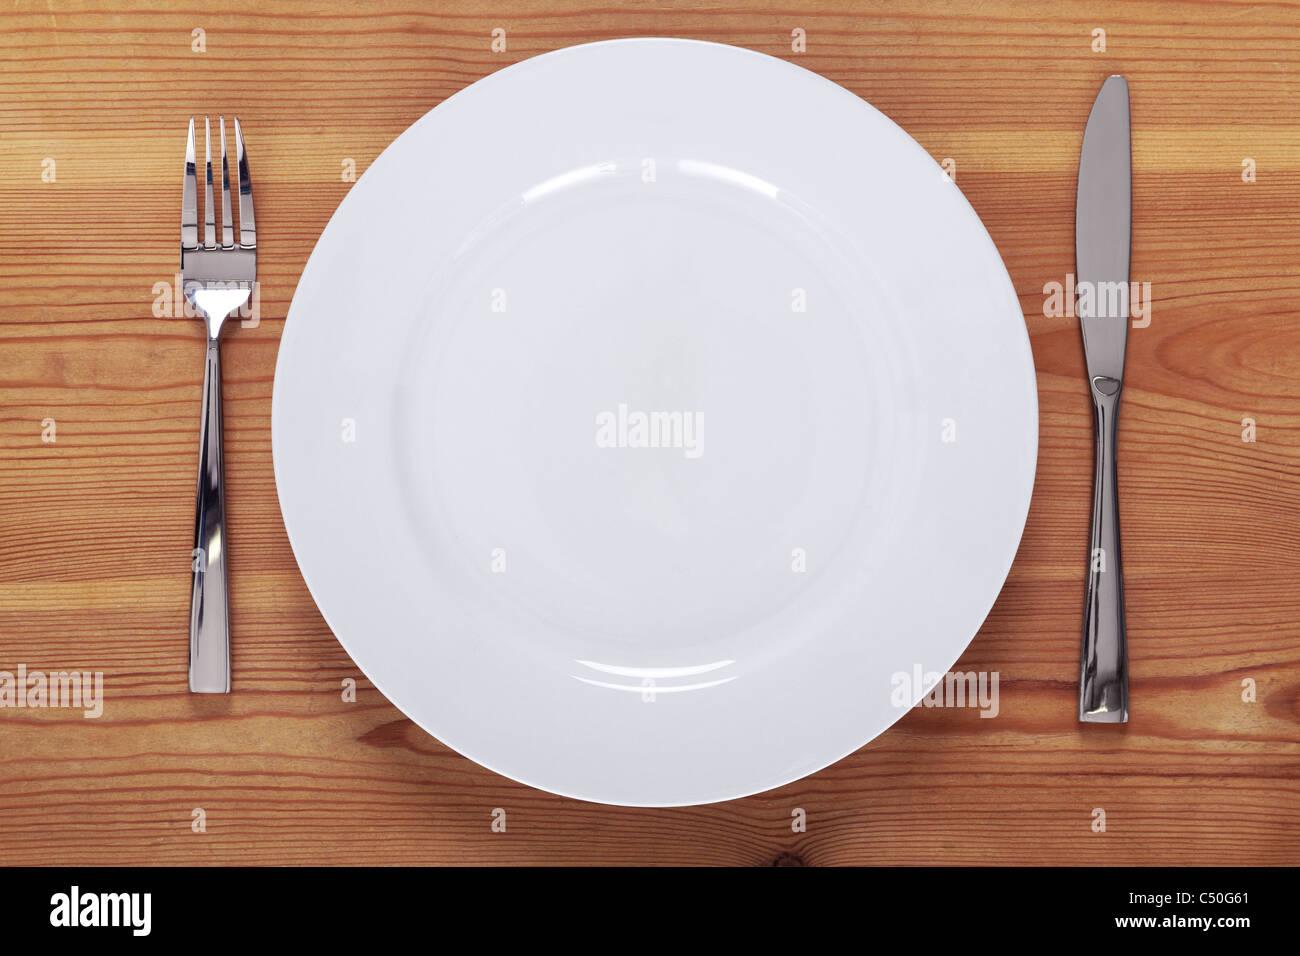 Photo d'une plaque blanche vide avec fourchette et couteau sur une table en bois rustique. Photo Stock